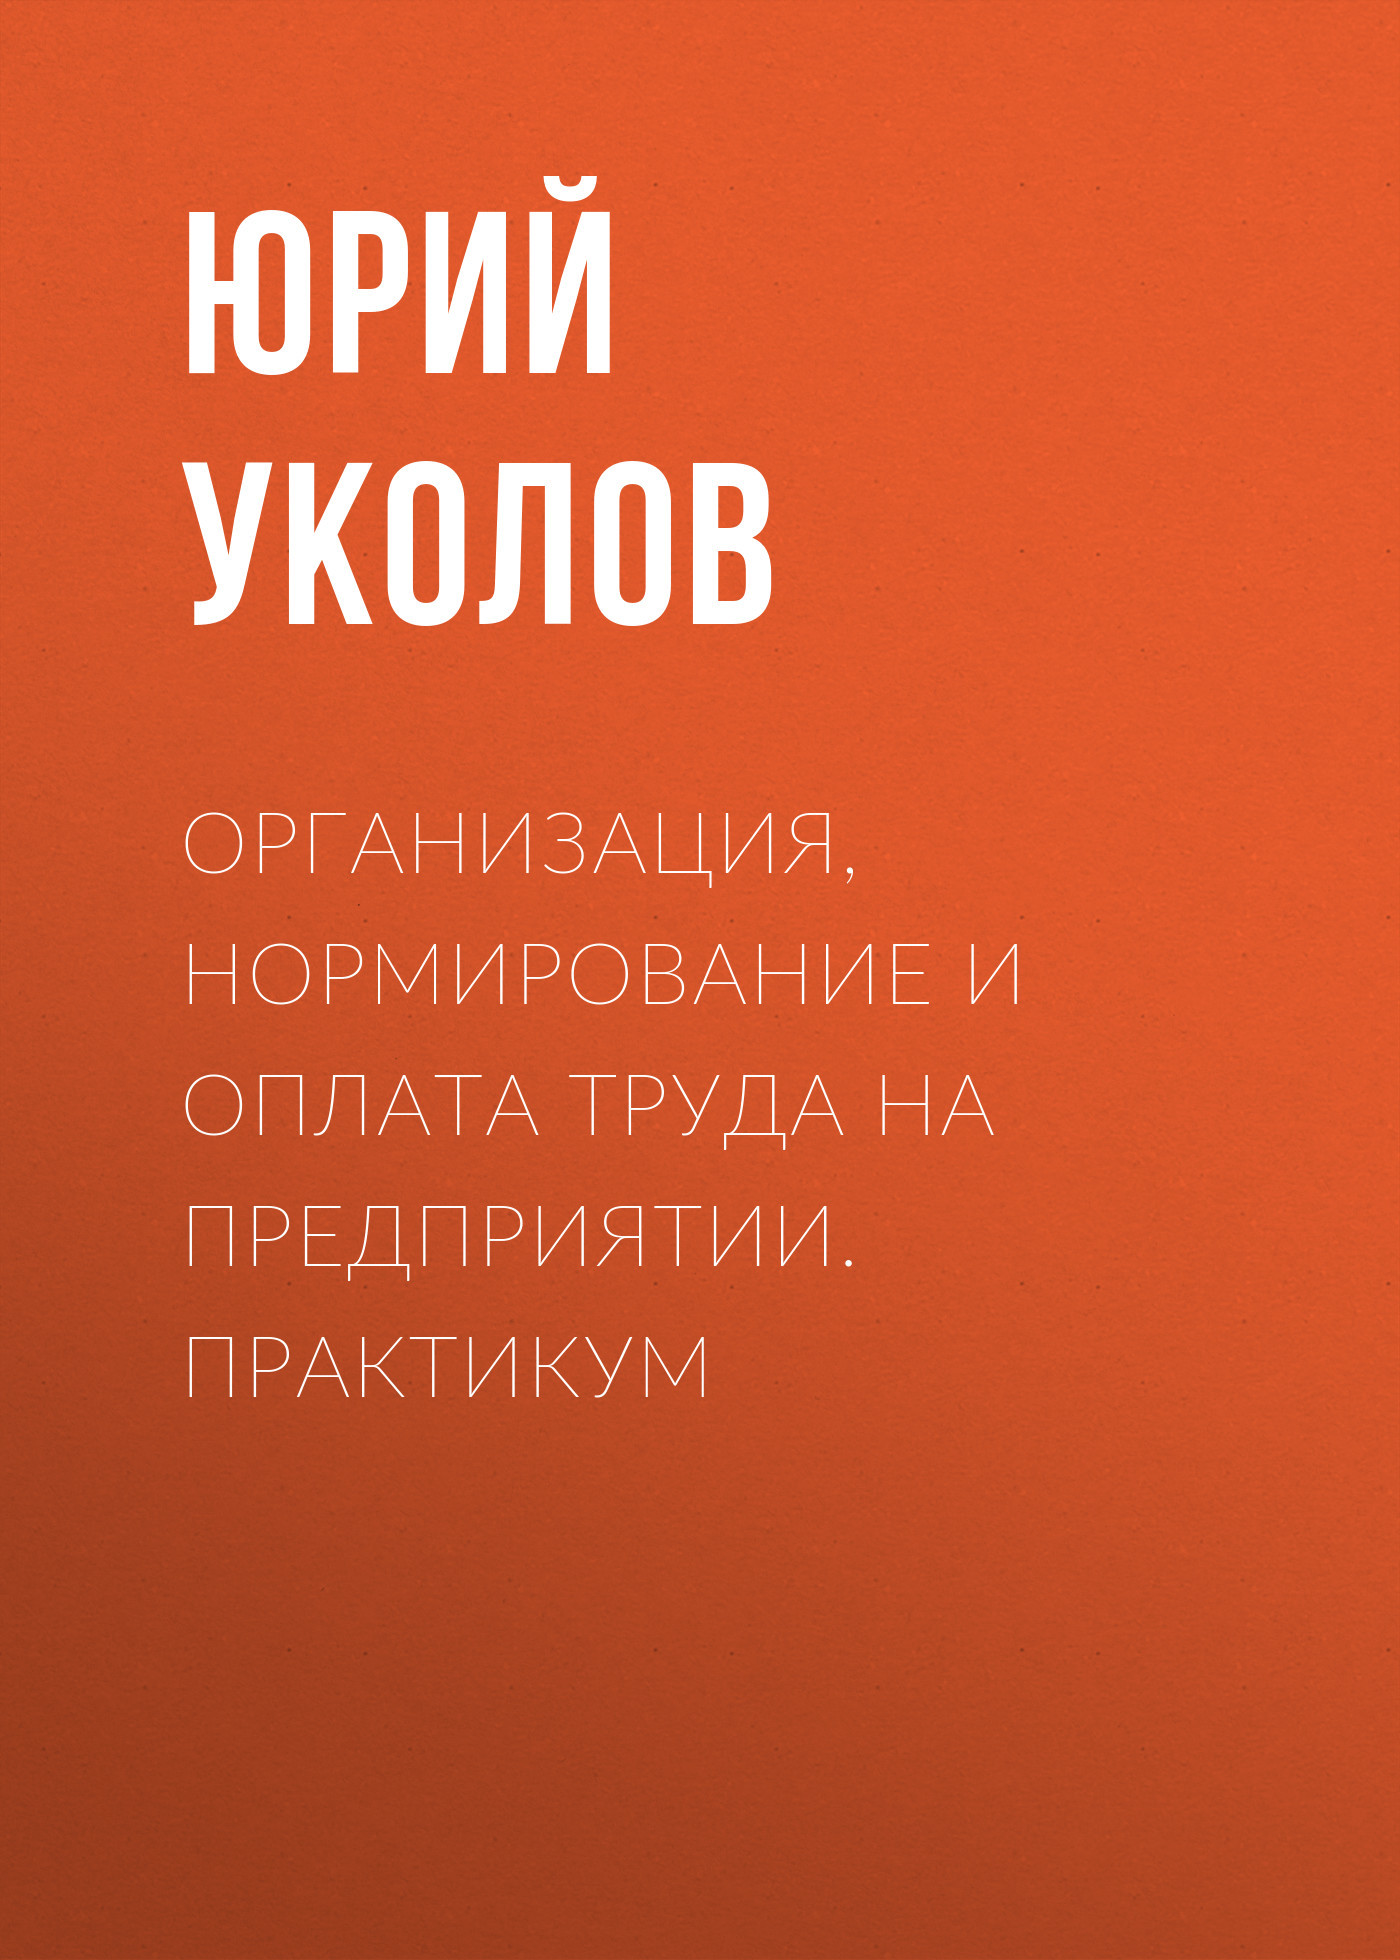 Юрий Уколов Организация, нормирование и оплата труда на предприятии. Практикум славин и практикум стратегия расчет эндшпиль